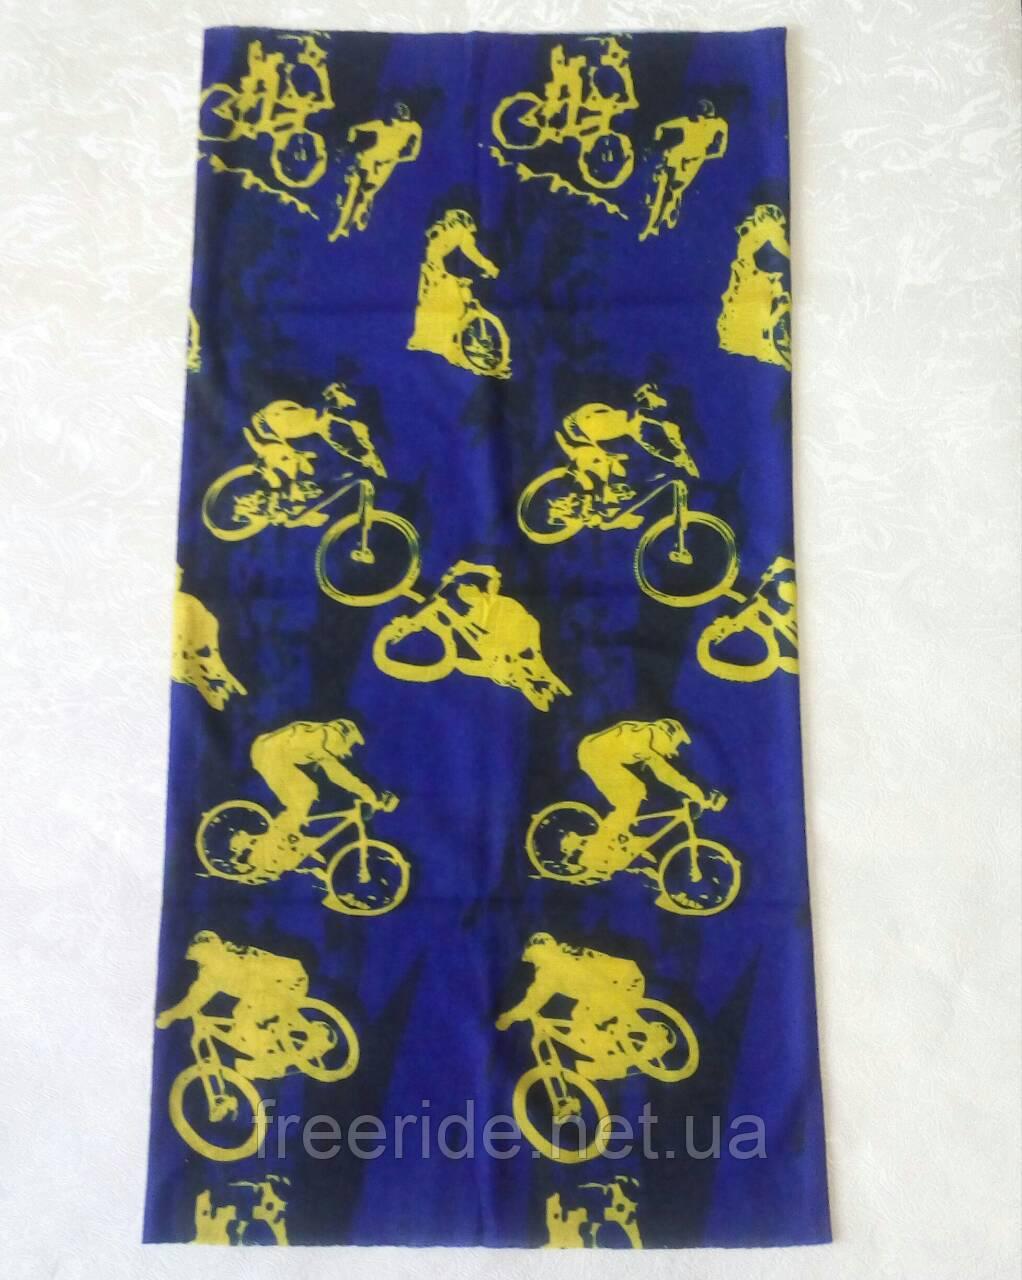 Летний бафф, buff, бесшовный шарф, бандана (#444)